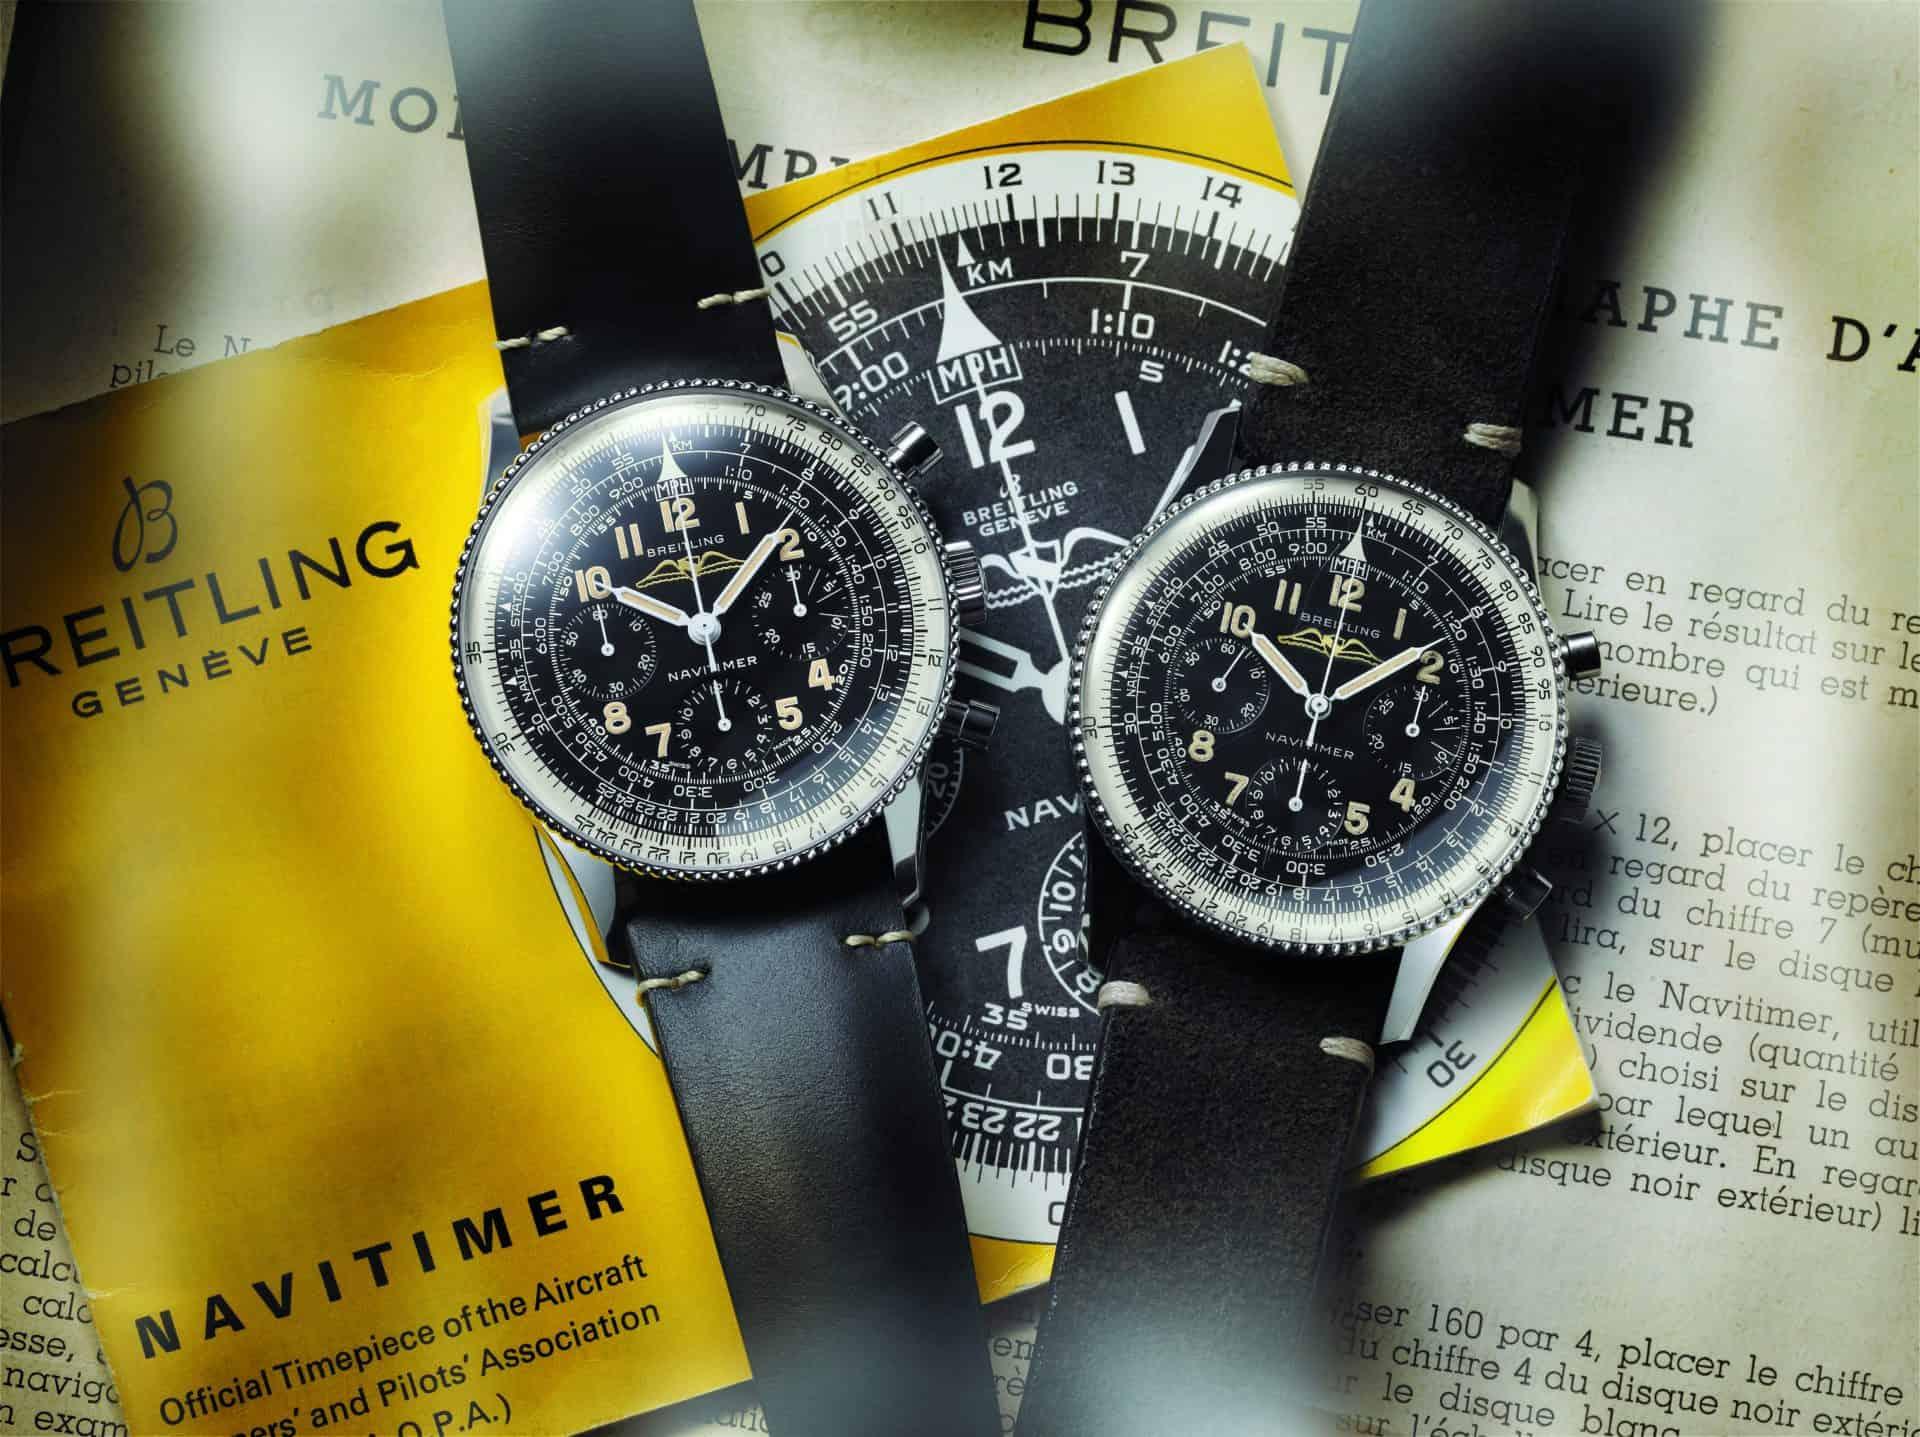 Breitling Navitimer Ref. 806 1959 Re-Edition und rechts der historische Navitimer Ref. 806 von 1959. Der neue Navitimer kostet 7.700 Euro. Beide Uhren bieten Piloten verschiedenen Navigationsunterstützung..